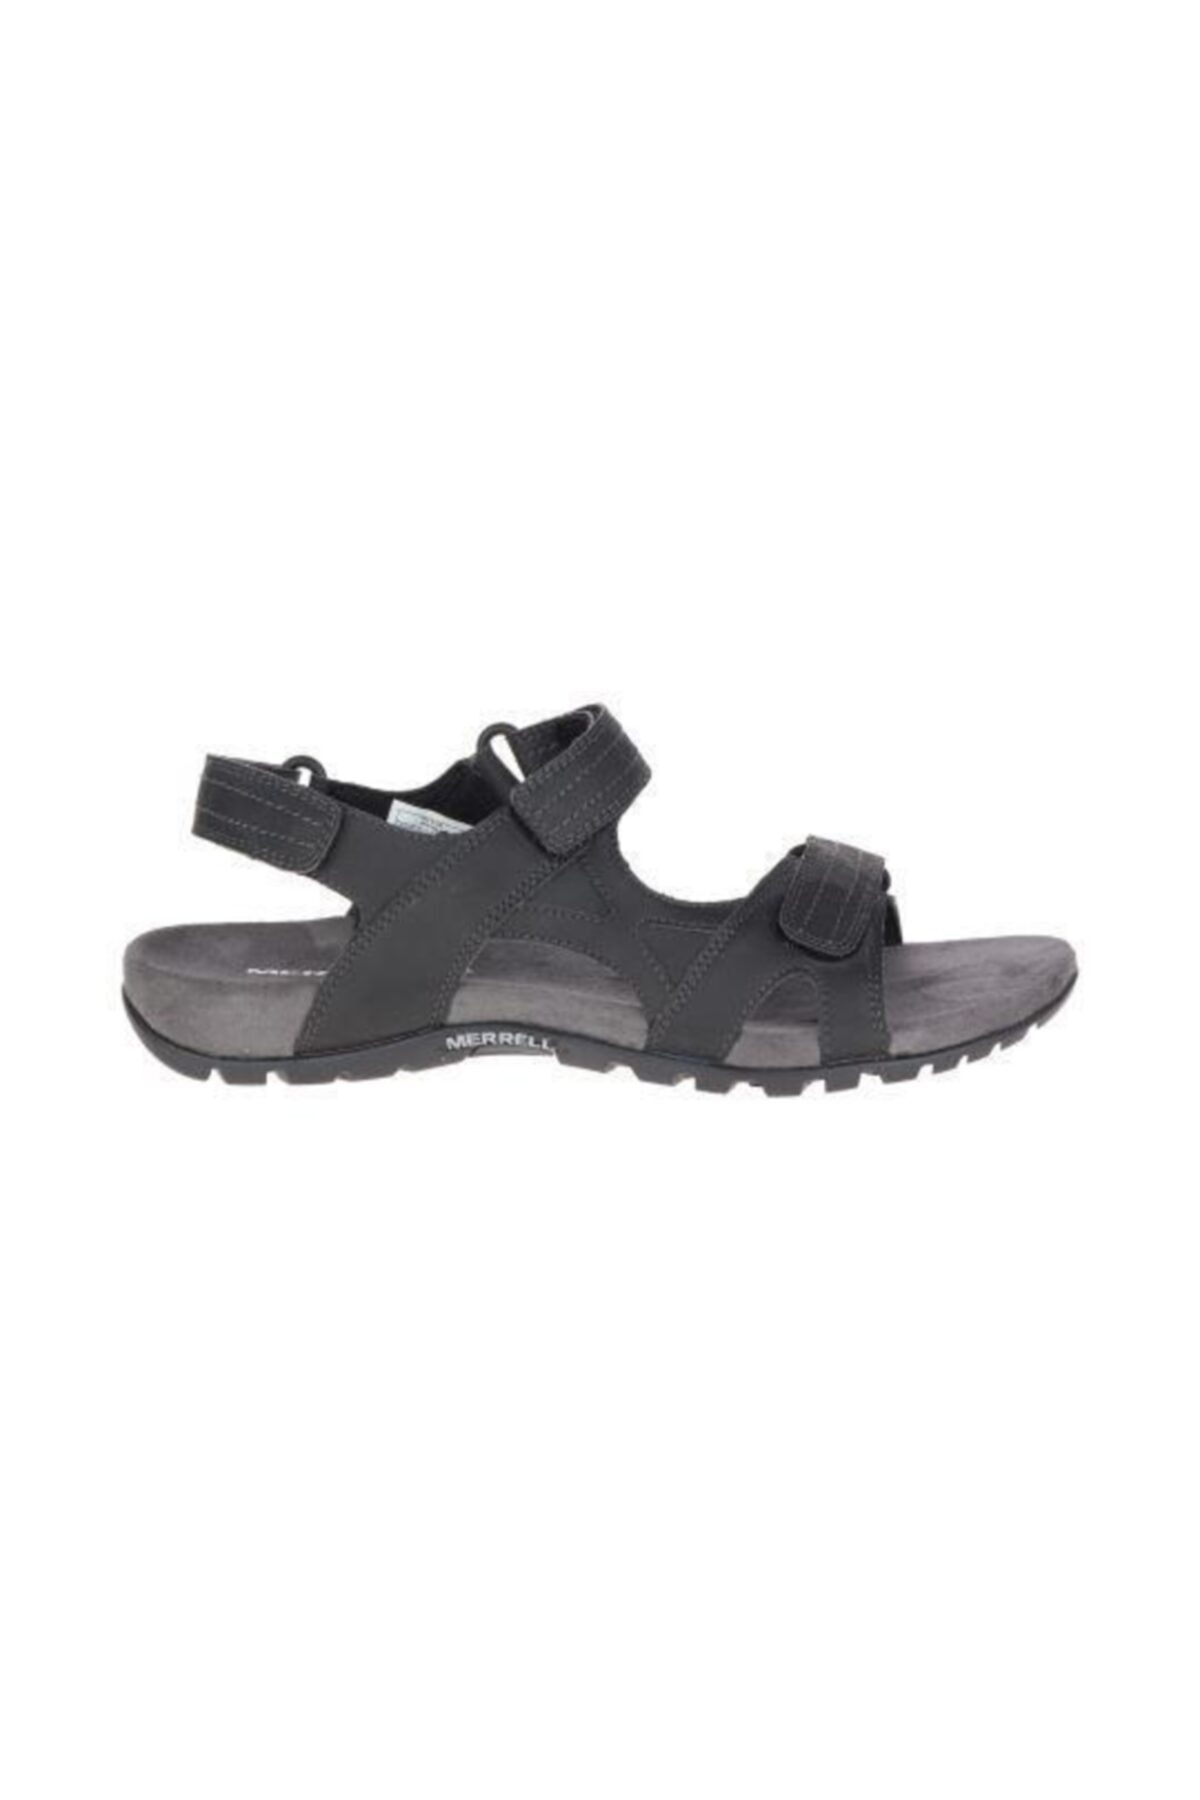 Merrell Erkek Sandalet Sandspur Rift Strap Black J342315c 2